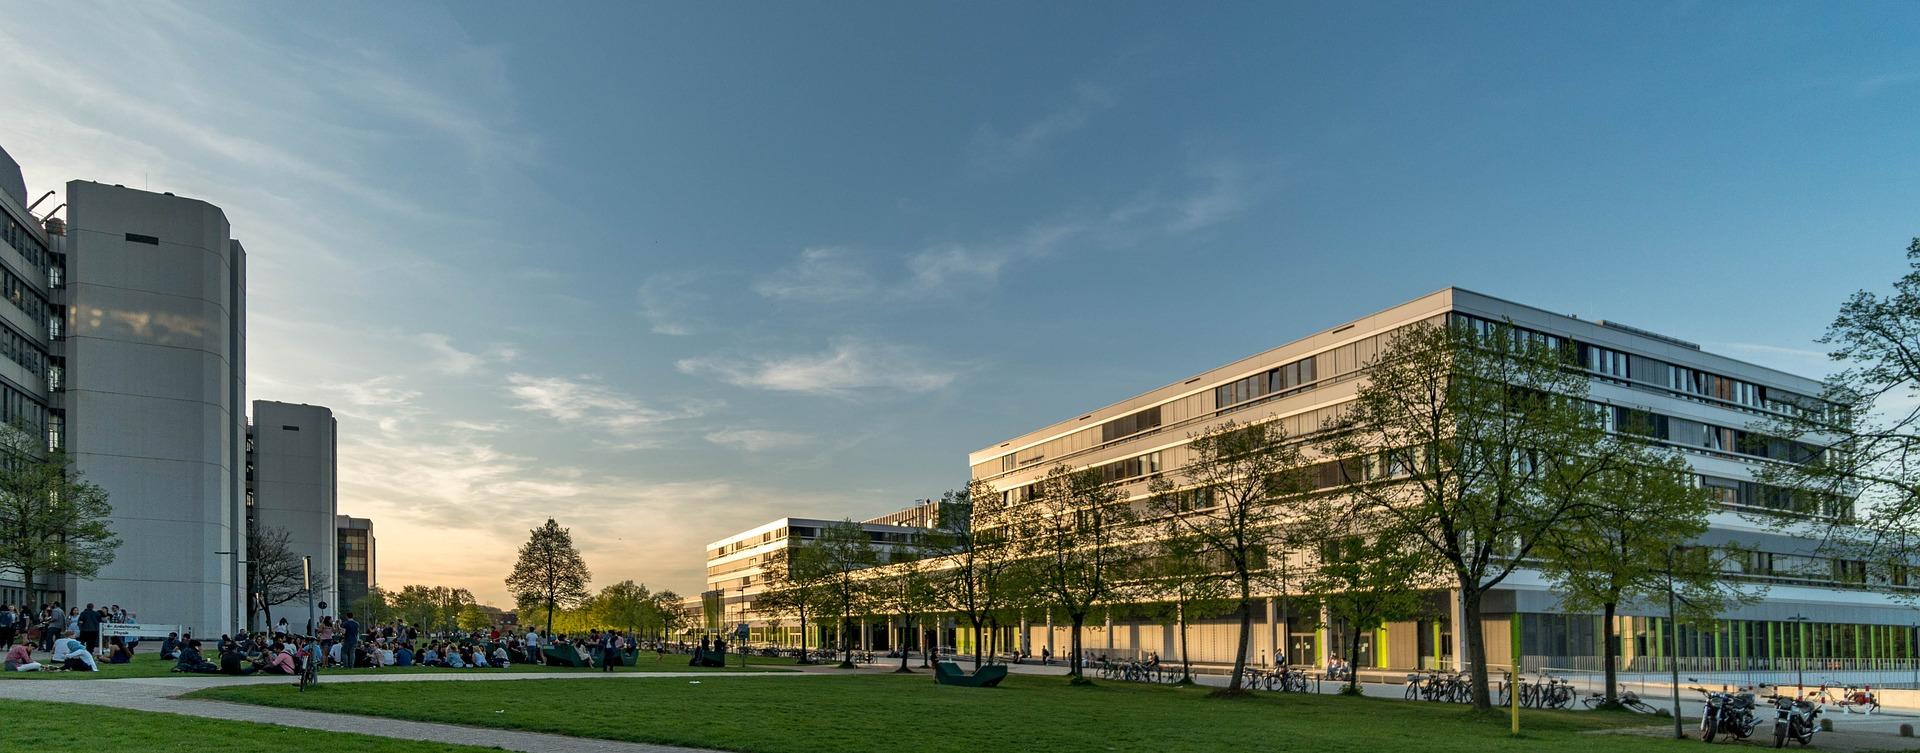 Sozialwohnungen in Bielefeld an der Uni